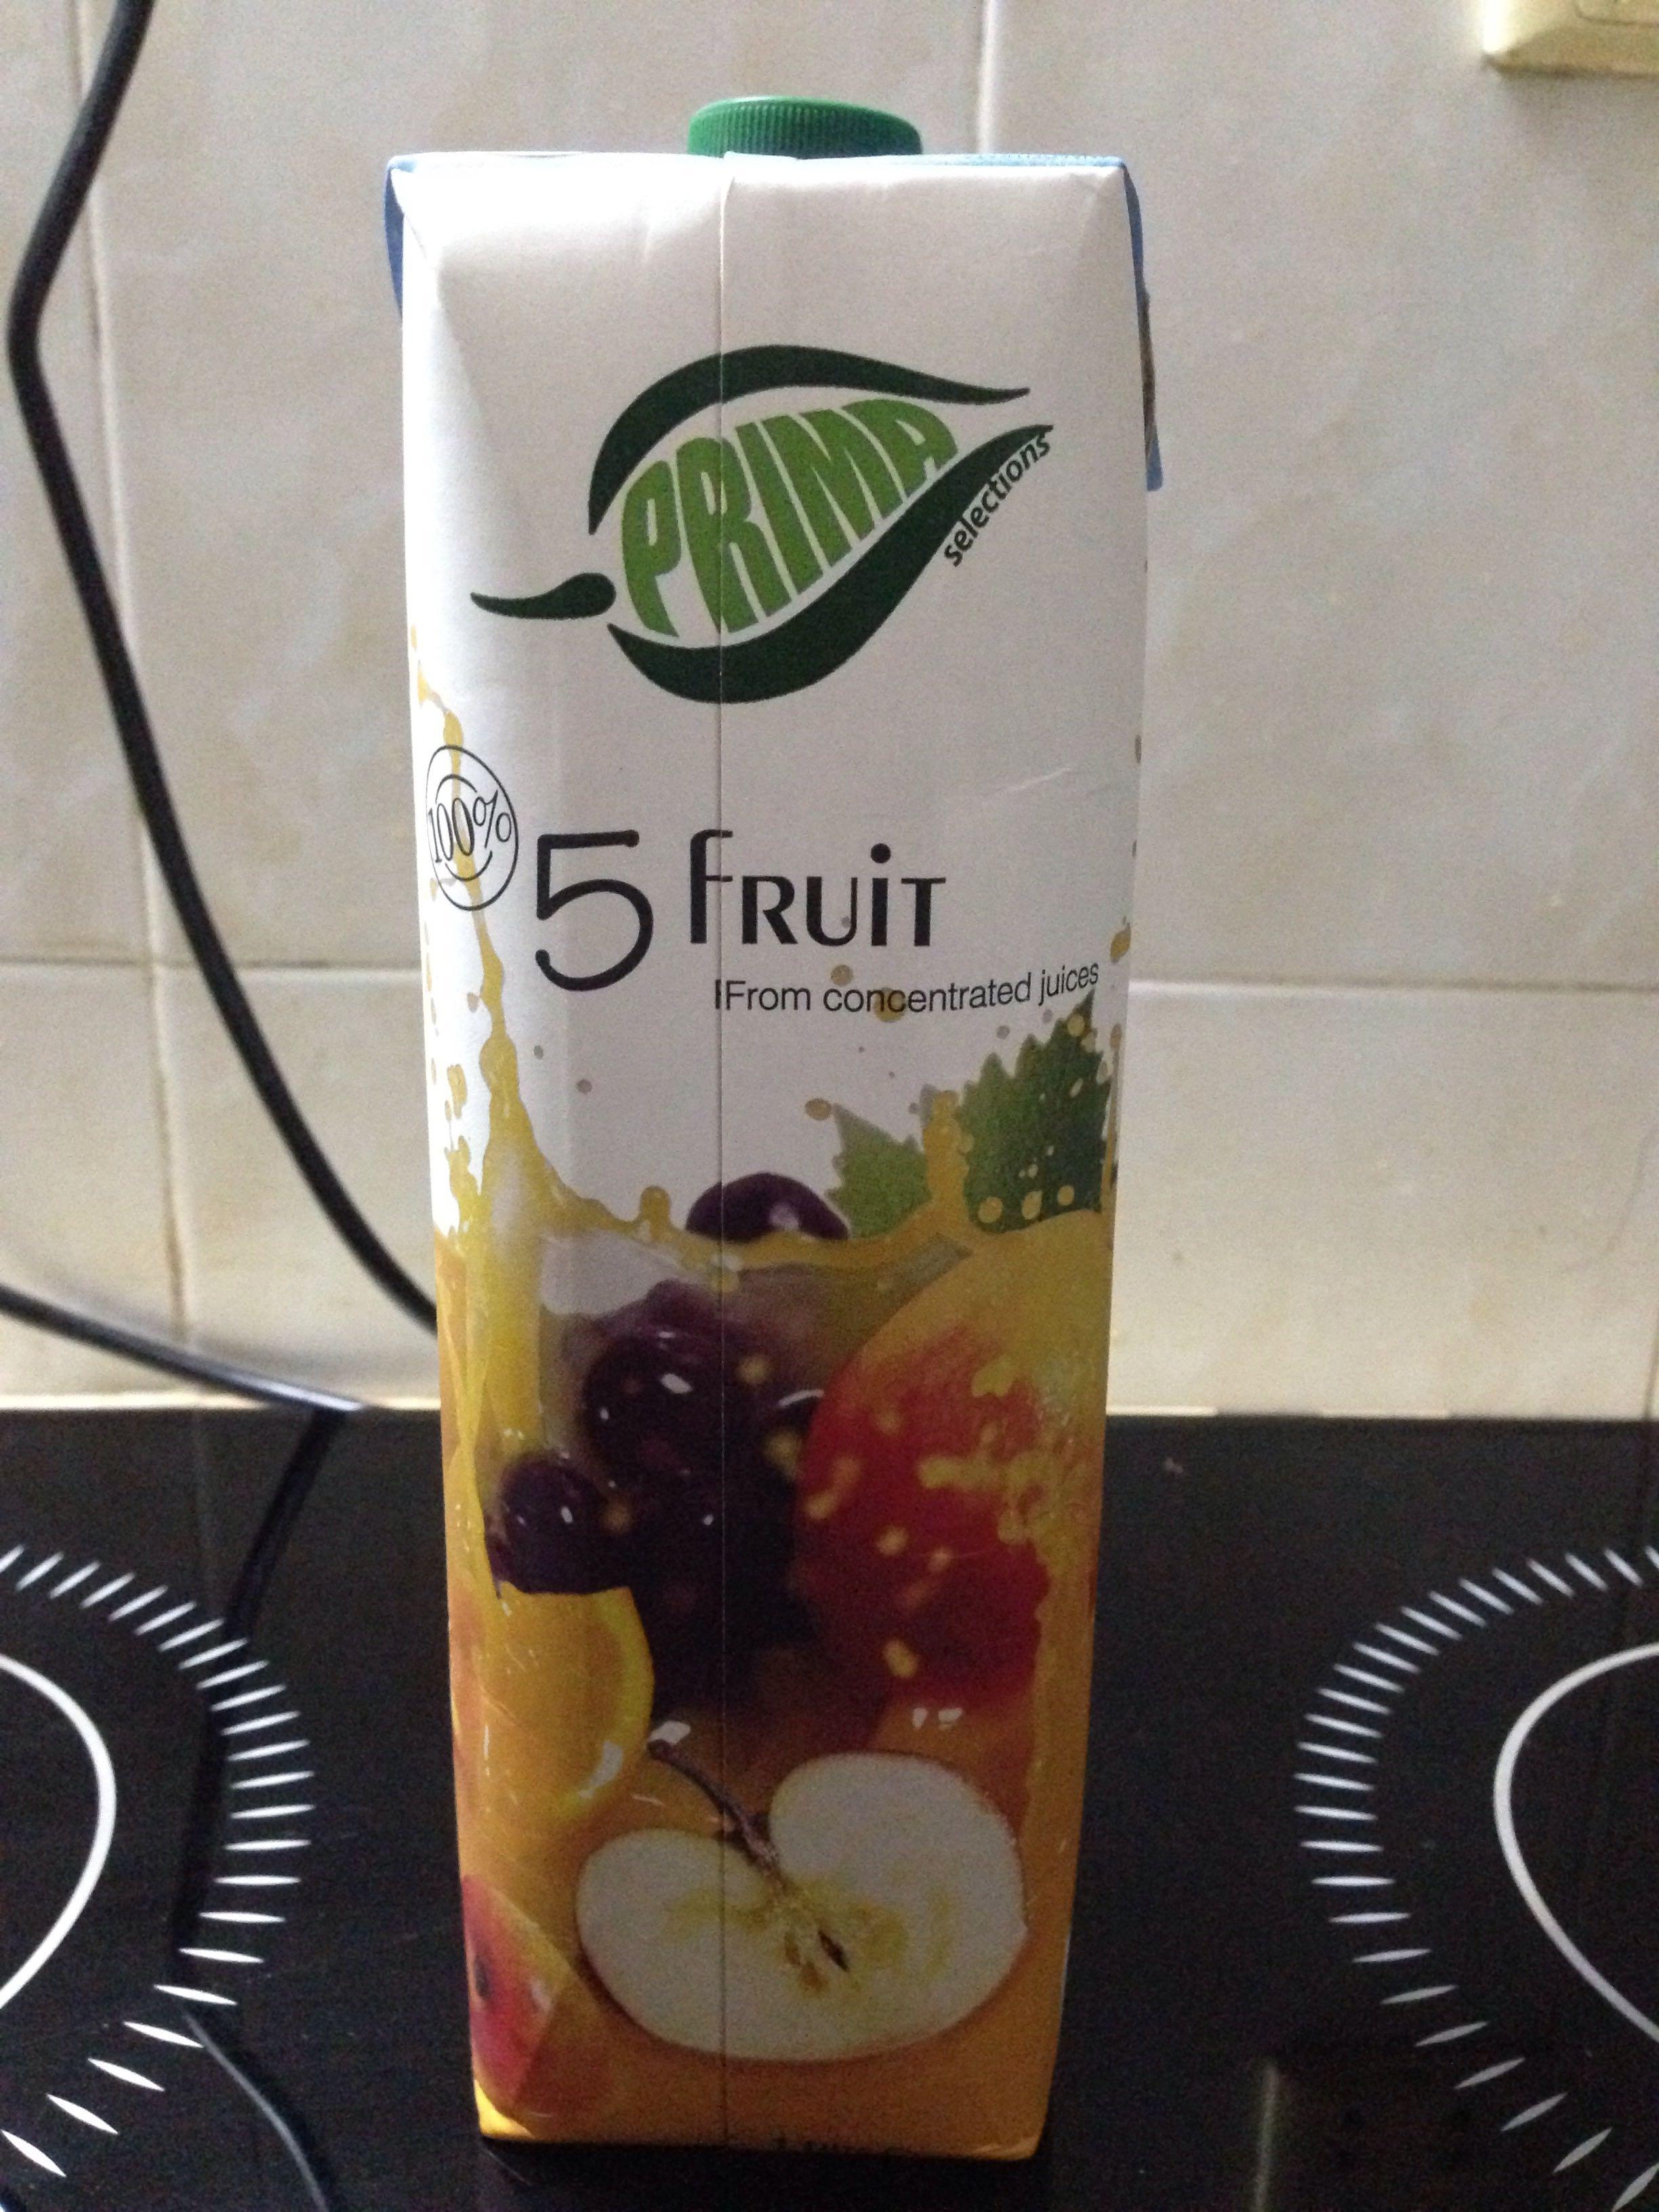 5 Fruit - Product - en